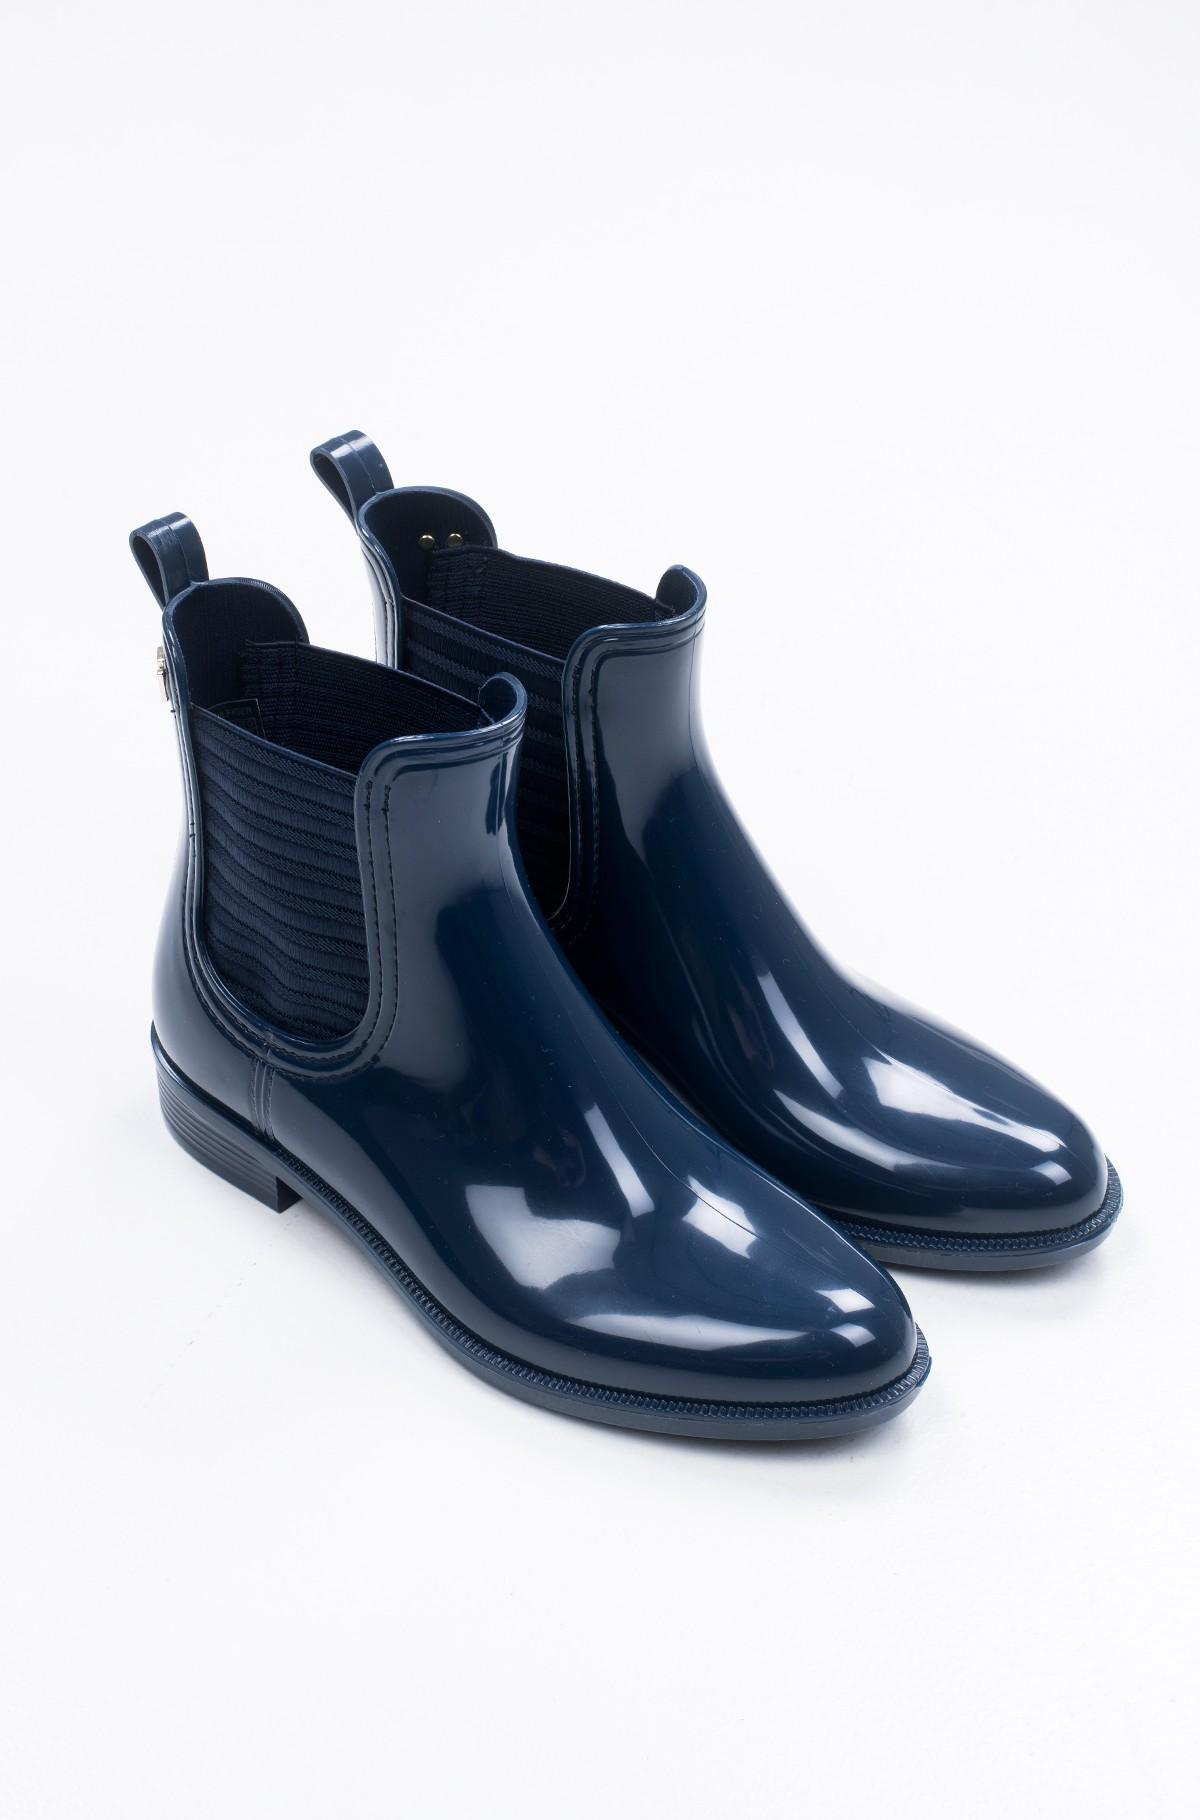 Guminiai batai FEMININE PATENT RAINBOOT-full-2